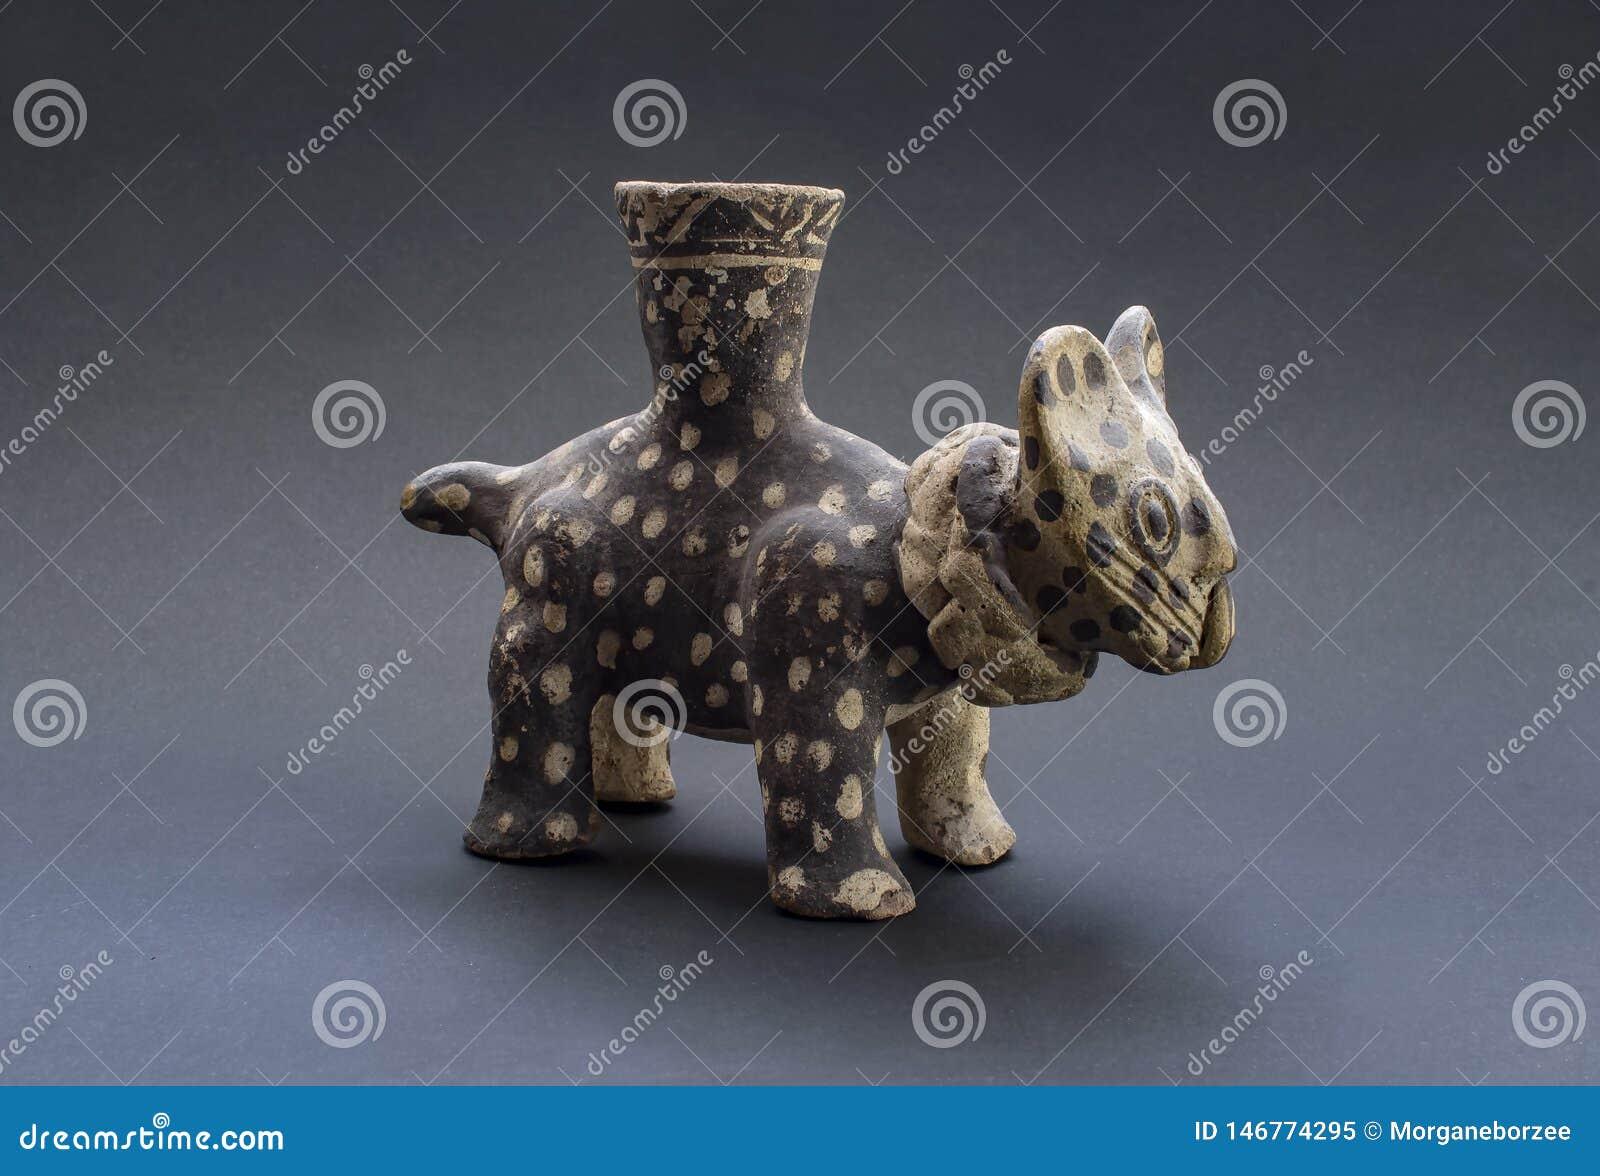 Pre-columbian katachtige ceramische geroepen 'Huaco 'van Chancay